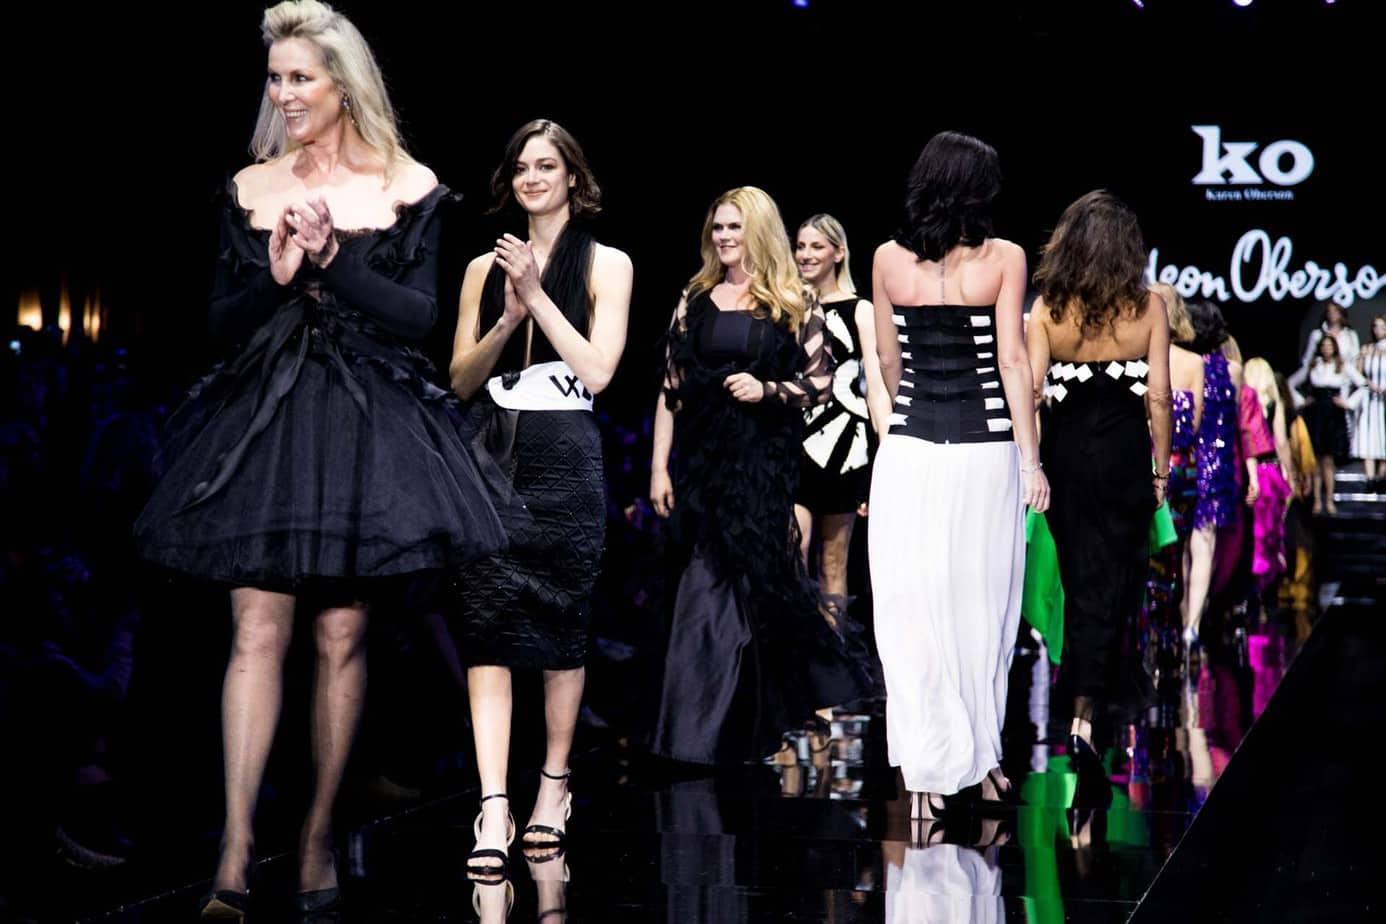 גדעון אוברזון, שבוע האופנה תל אביב 2019, צילום אלכס פרגמנט - 22